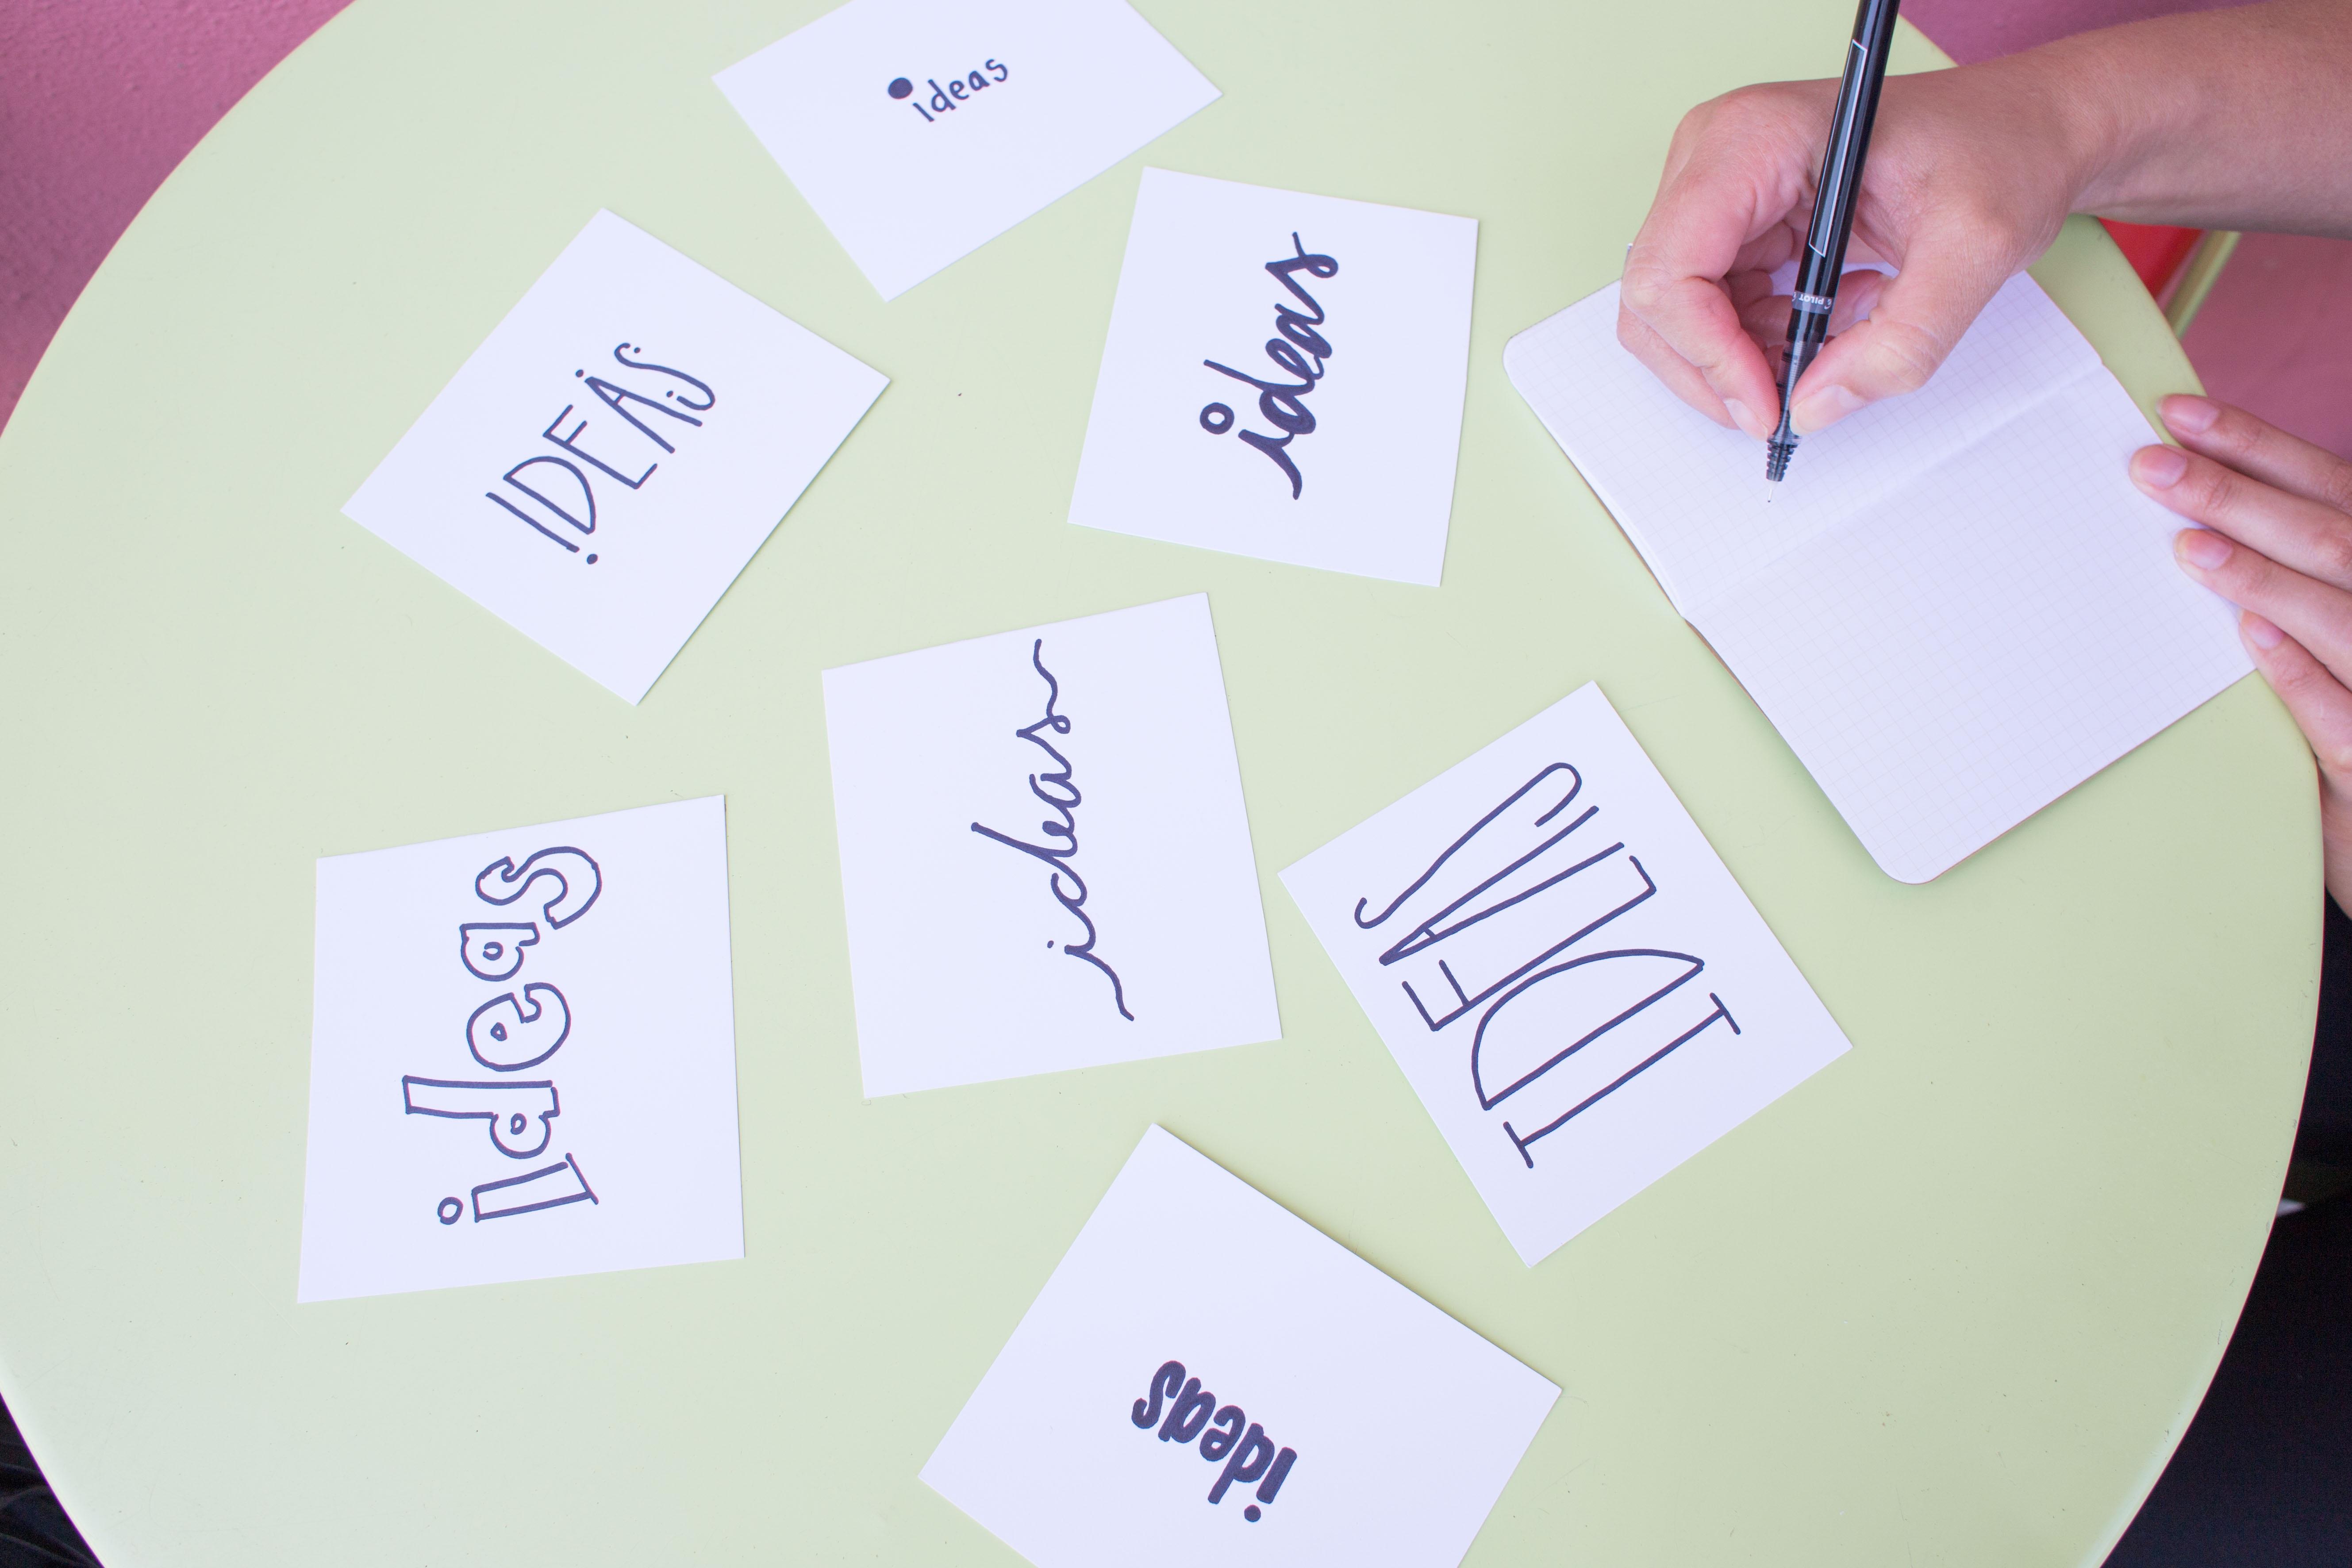 Kostenlose foto : Schreiben, kreativ, Stift, Geschäft, Marke ...